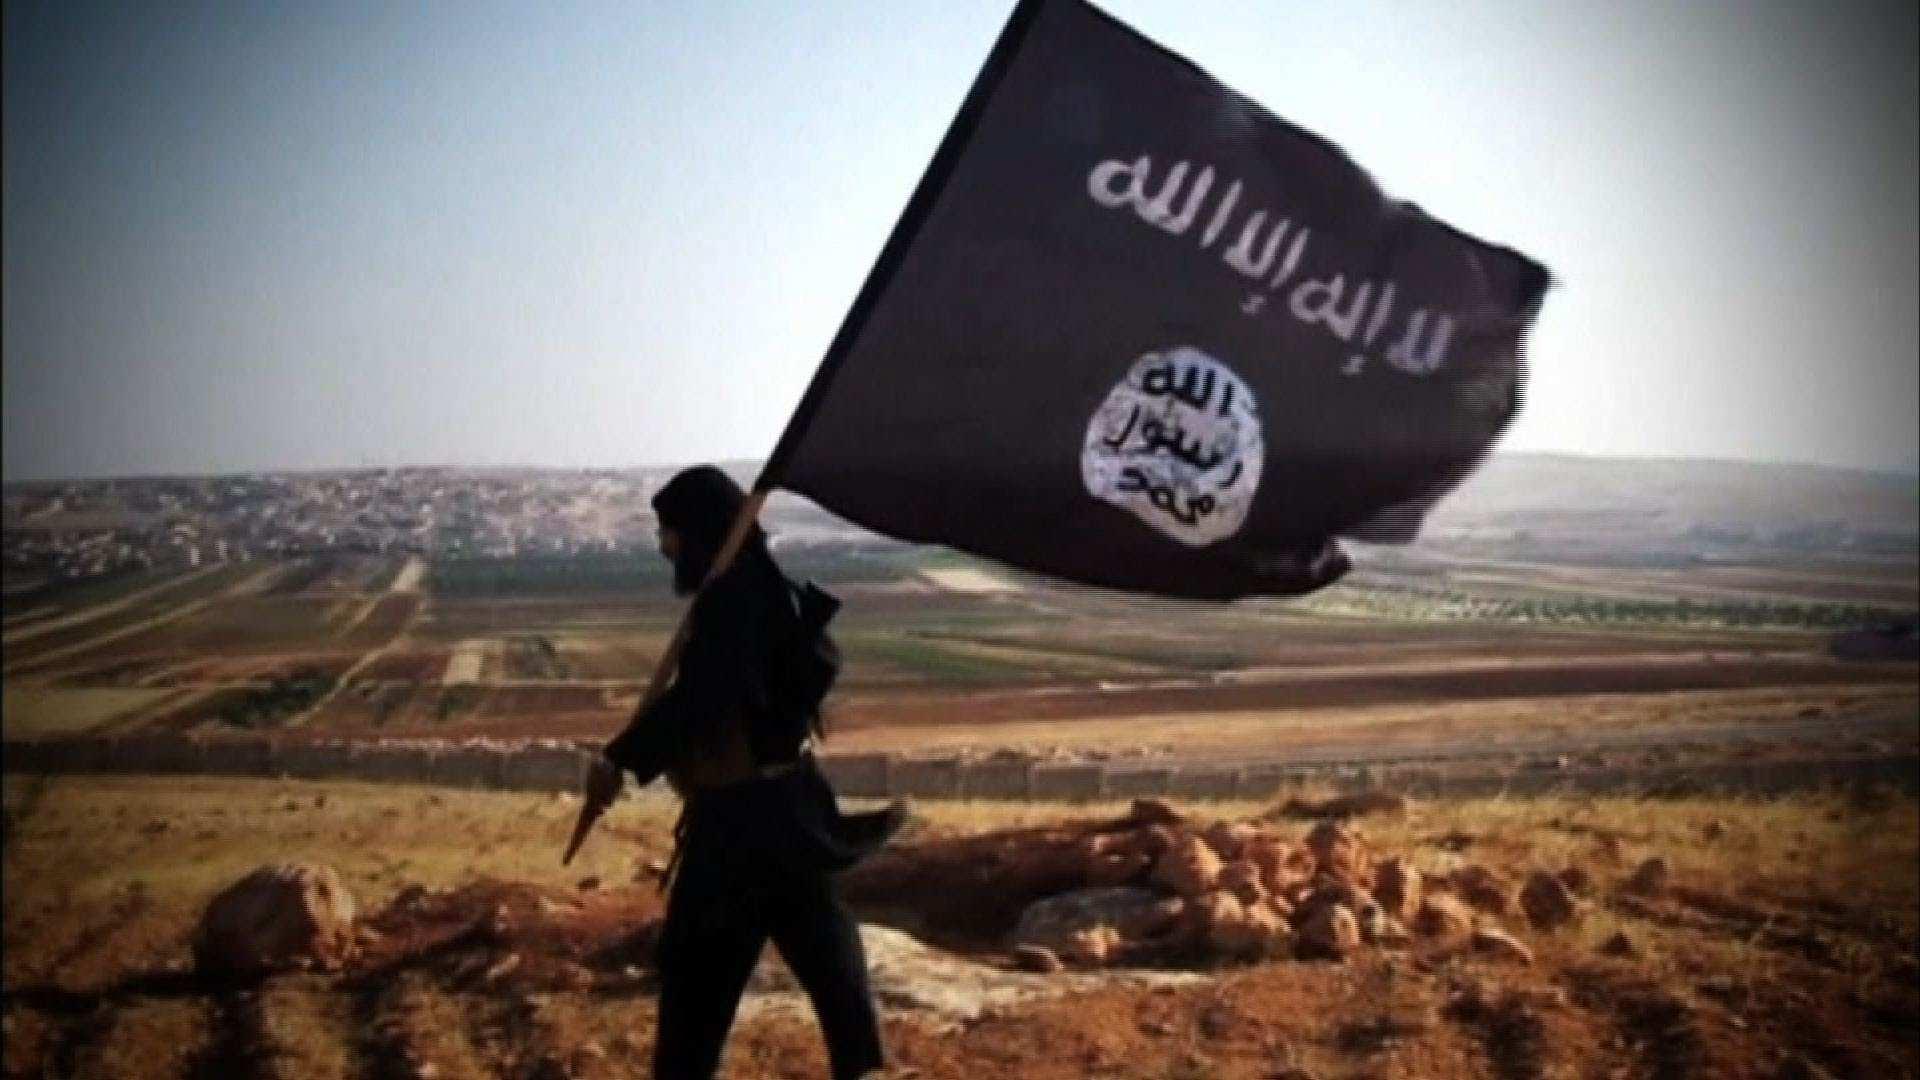 ВАЖНО: боевики сирийской «умеренной оппозиции» подняли знамена «джихада» иприсягнули наверность «Фронту ан-Нусра» | Русская весна